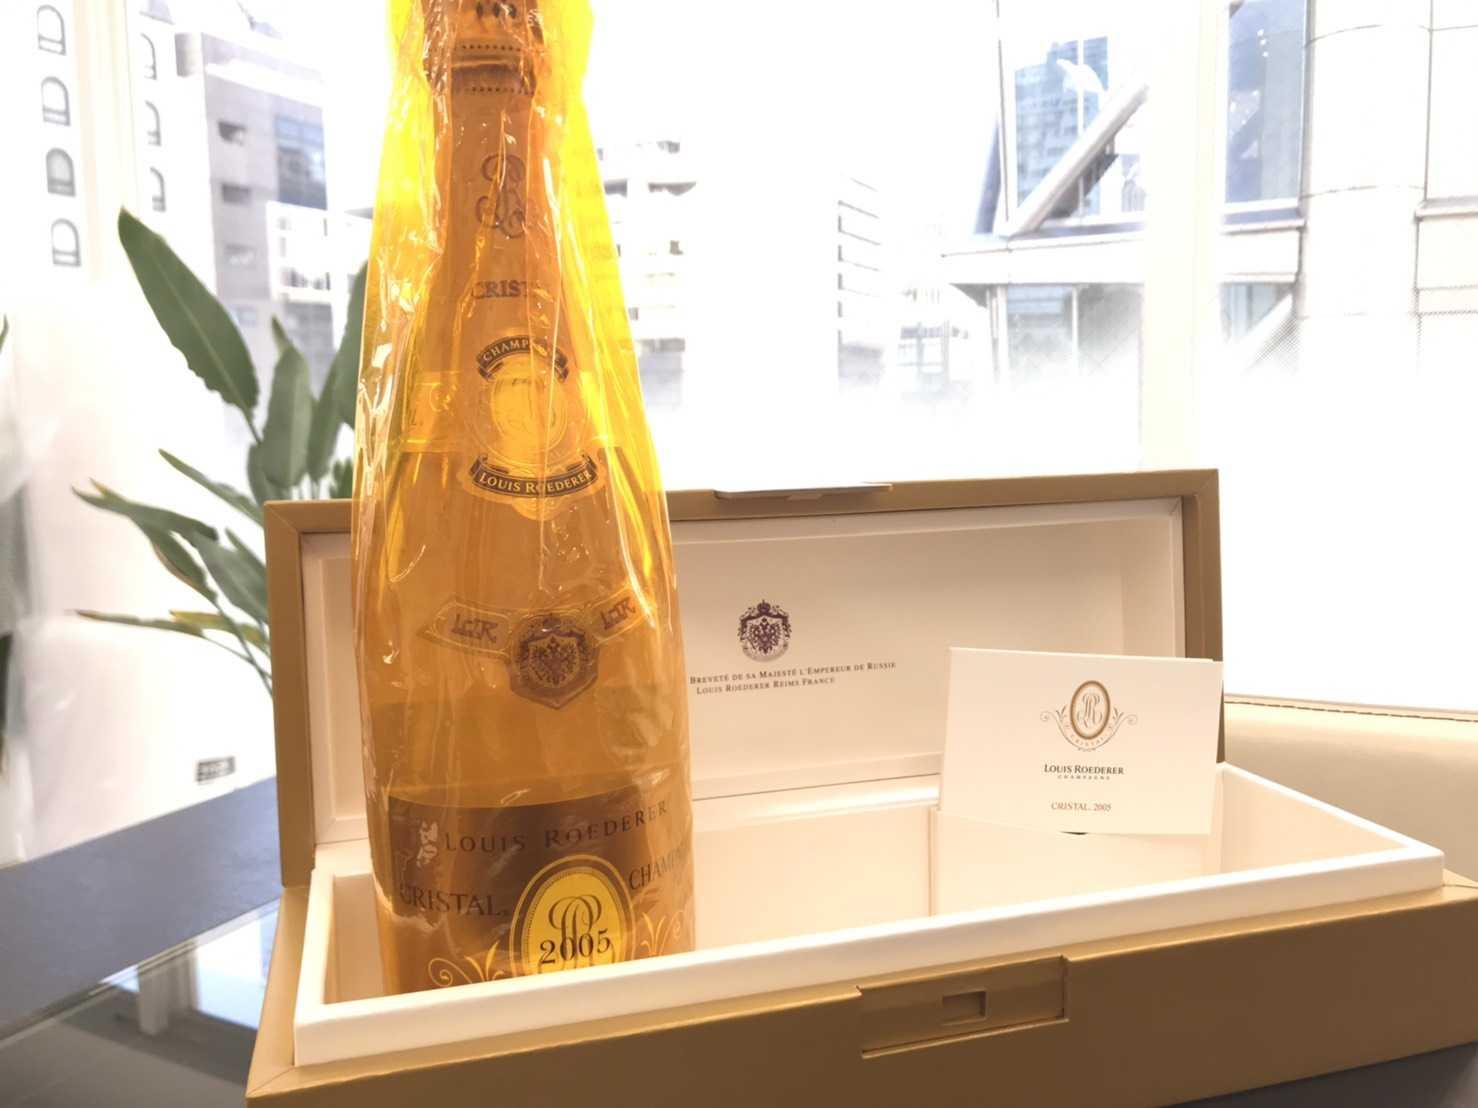 シャンパン買取 ルイロデーロクリスタル2005